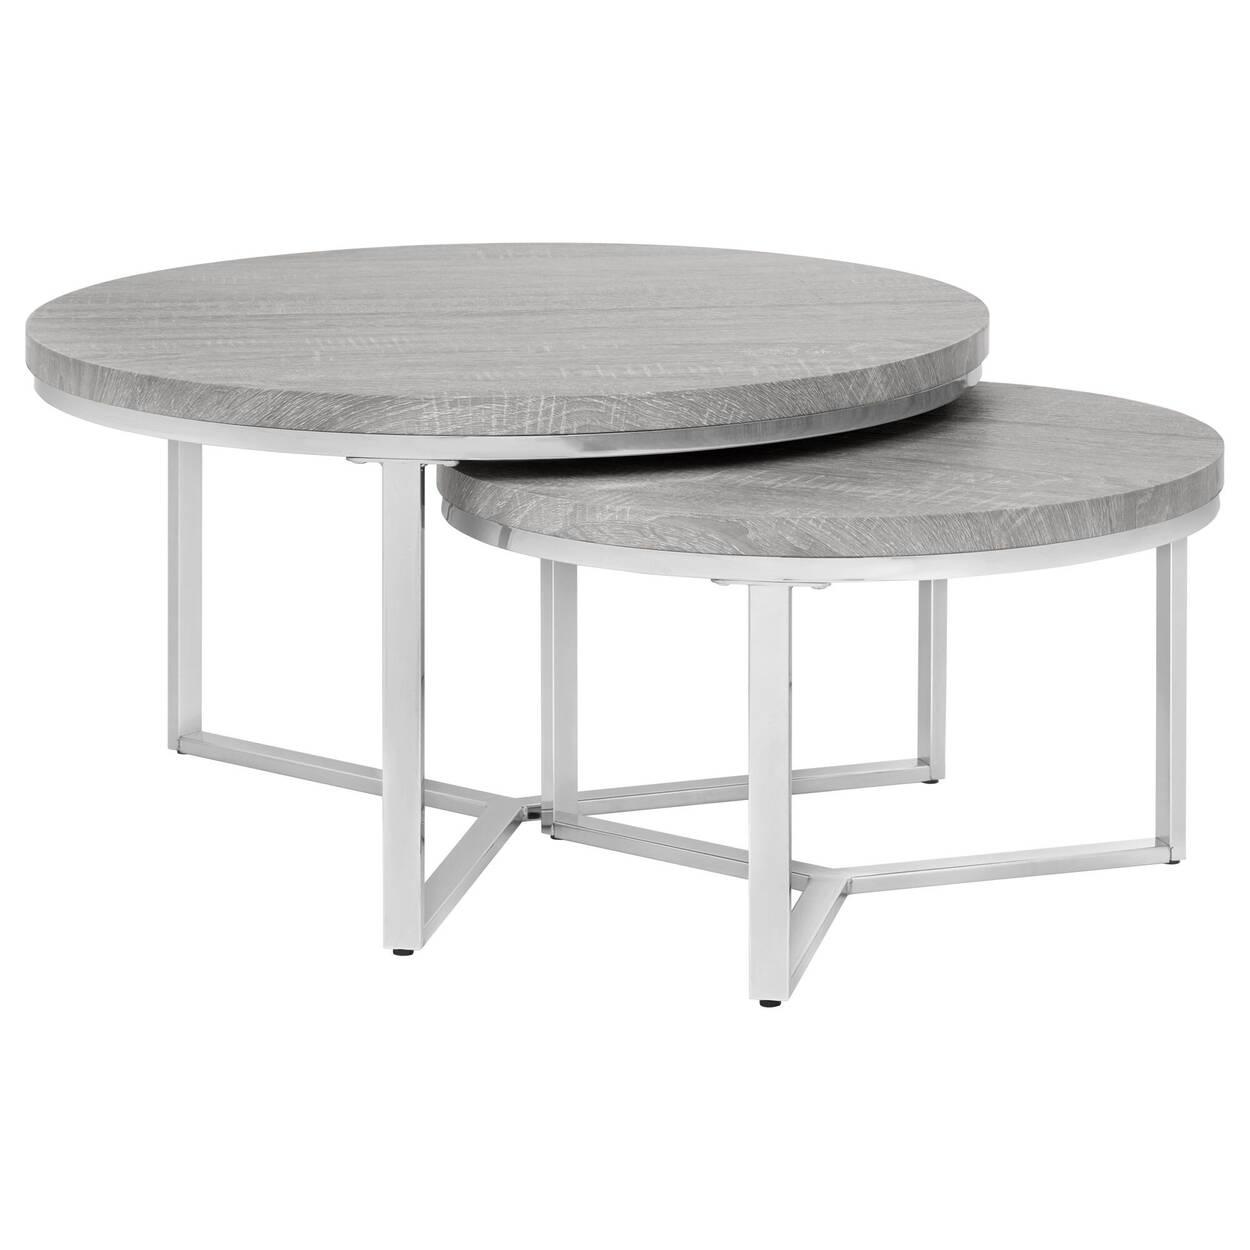 Ensemble de 2 tables basses en placage avec pieds en chrome